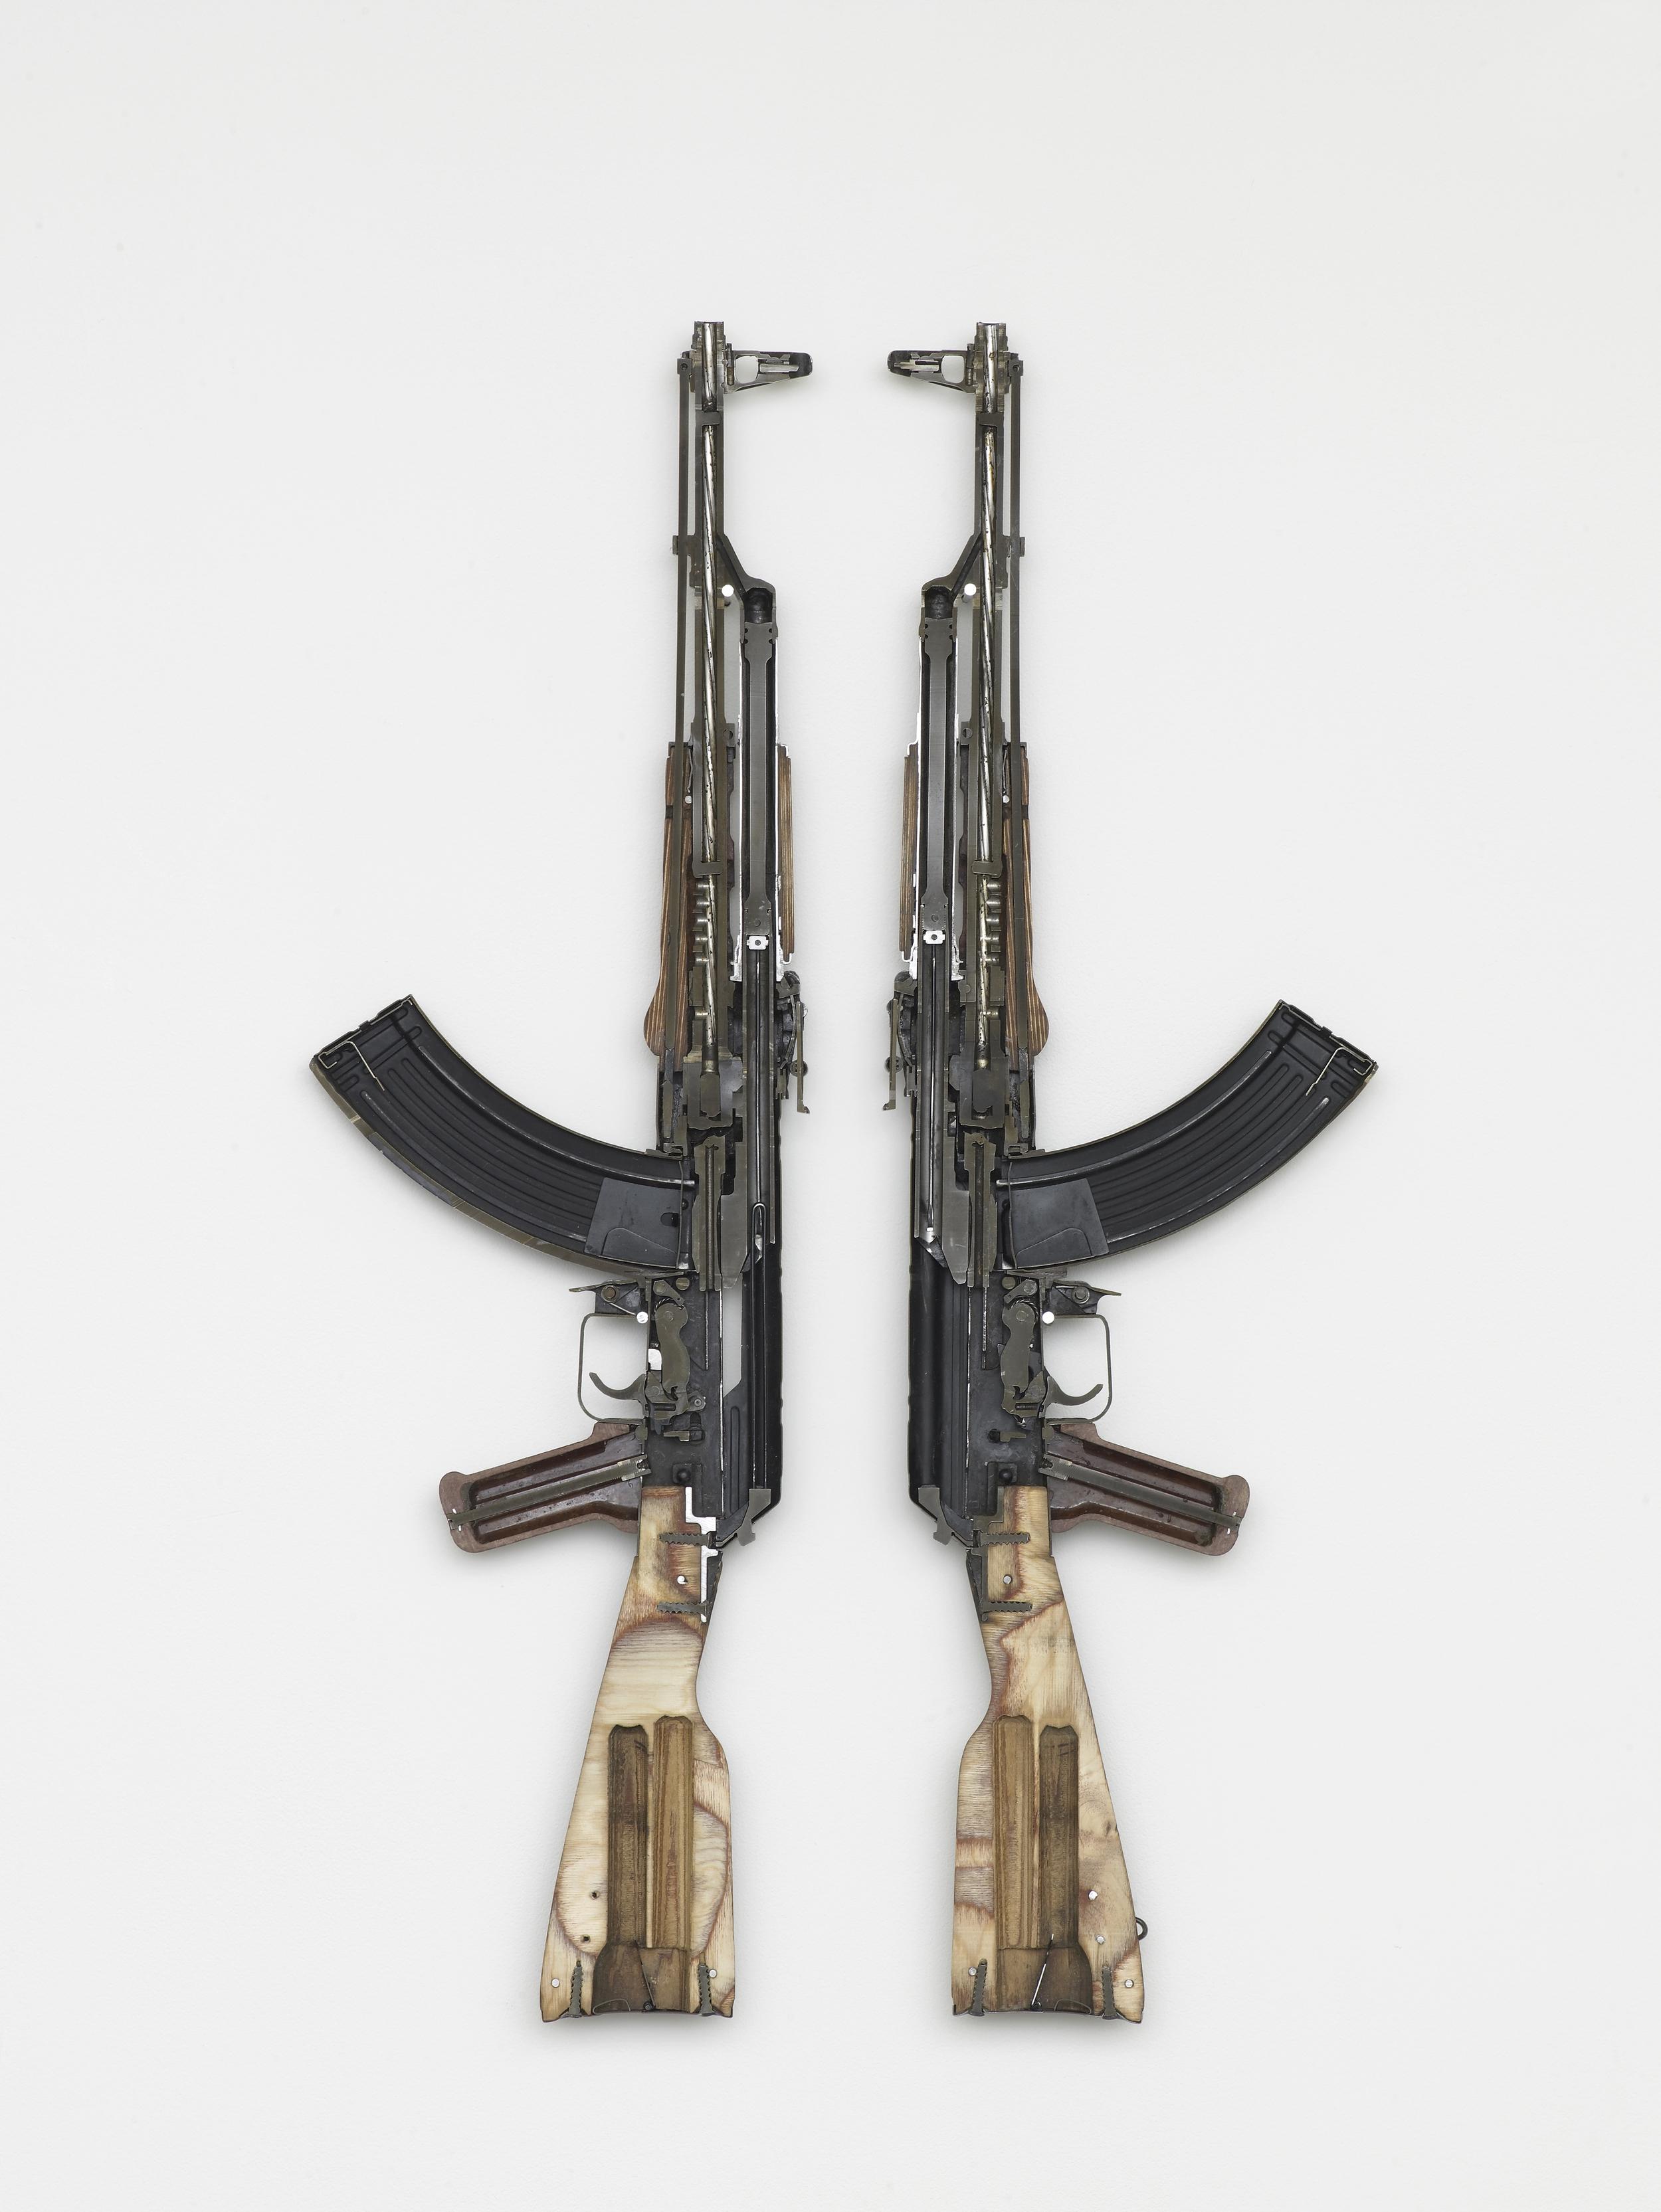 AK 47 2016 Weapon 88 x 52 x 4 cm / 34.6 x 20.4 x 1.5 in